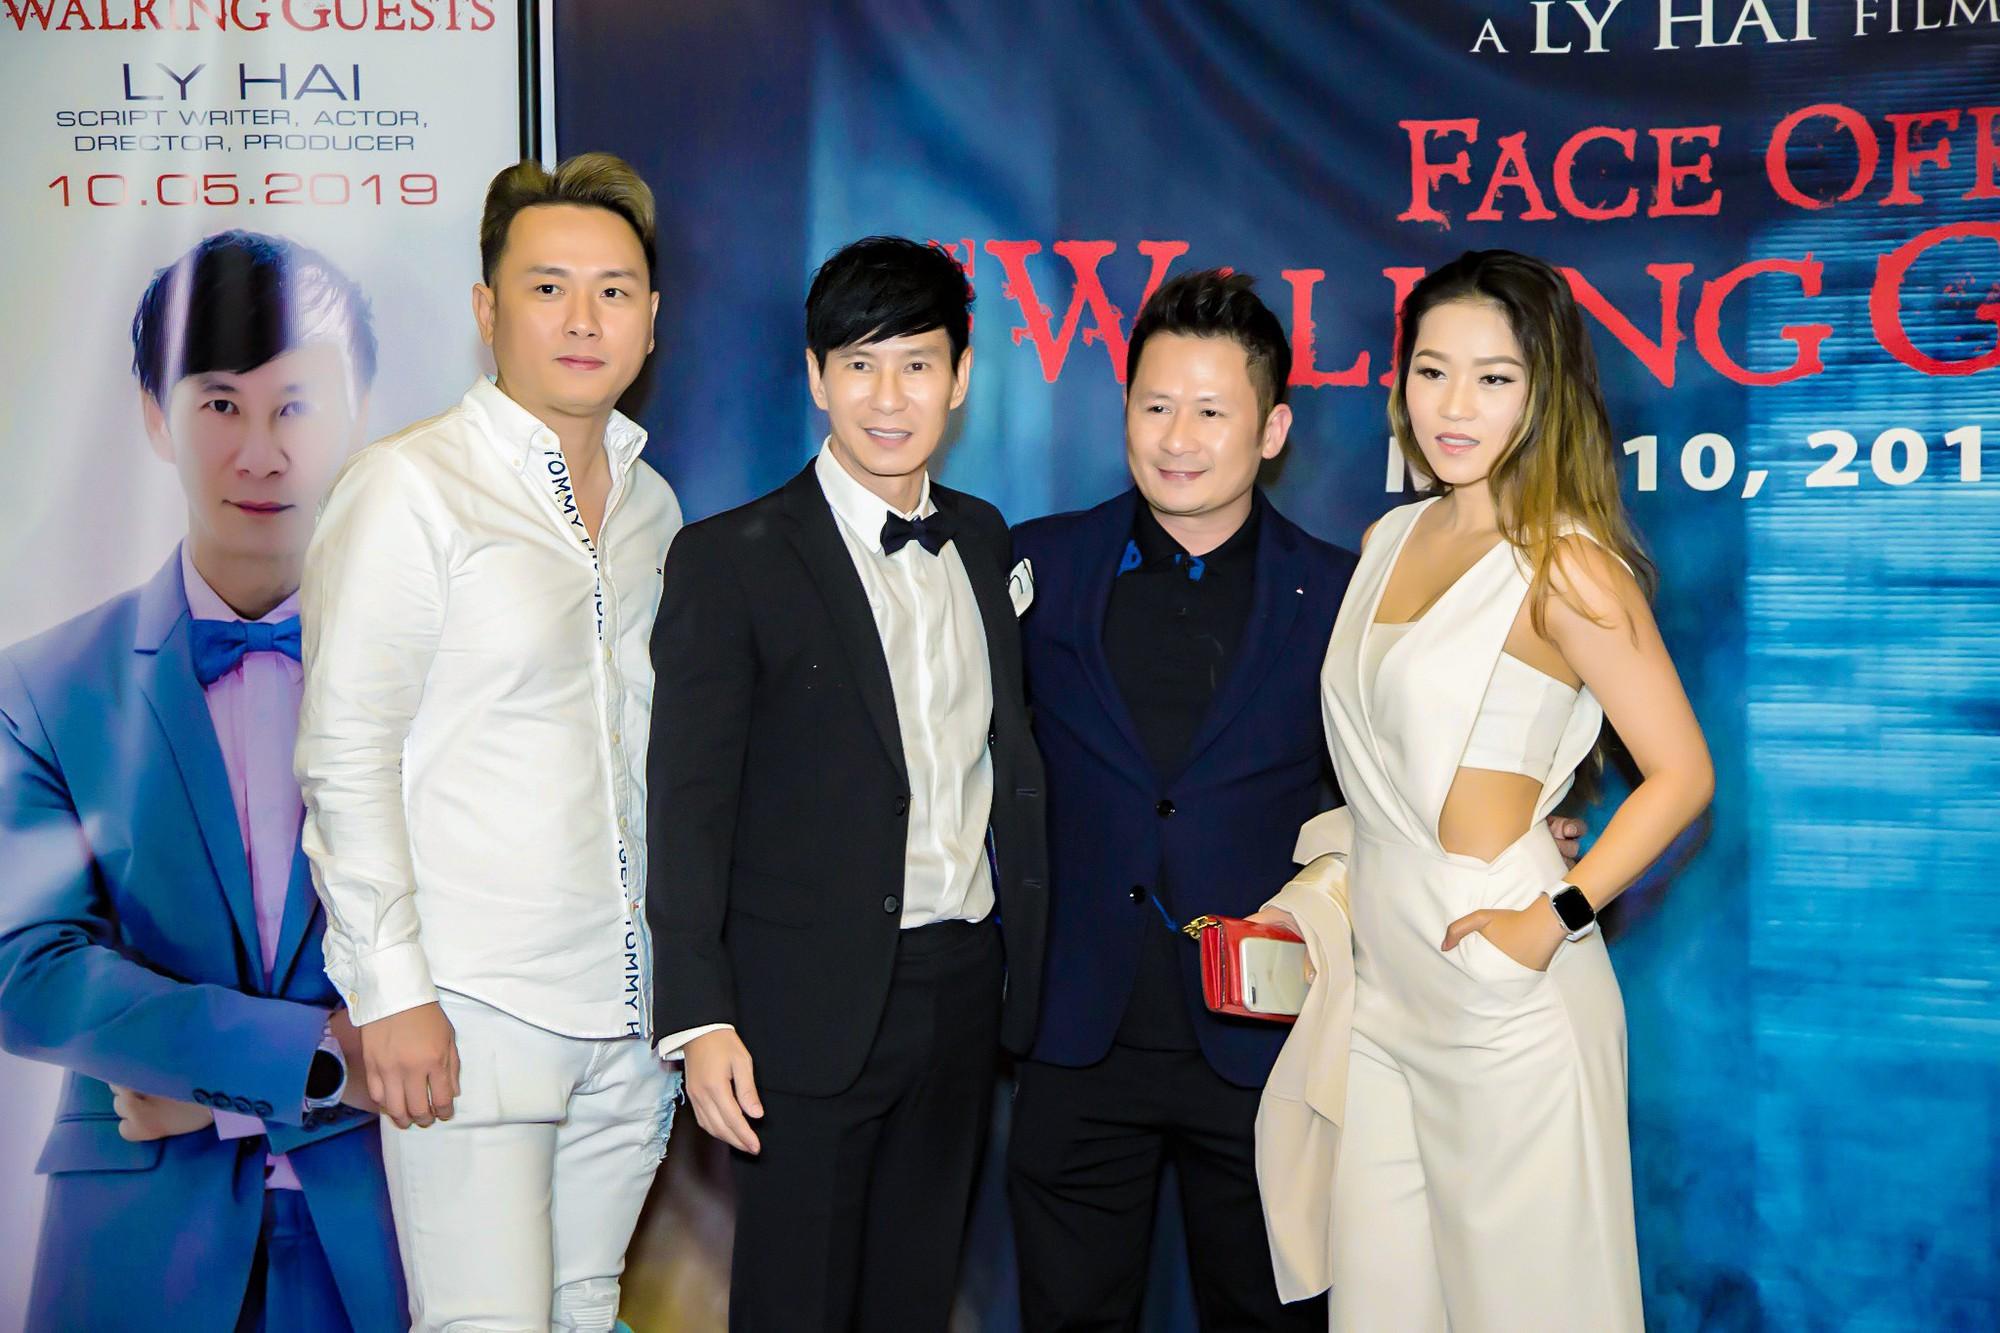 Vợ chồng Lý Hải - Minh Hà rạng rỡ trong ngày đưa phim sang Mỹ - Ảnh 5.